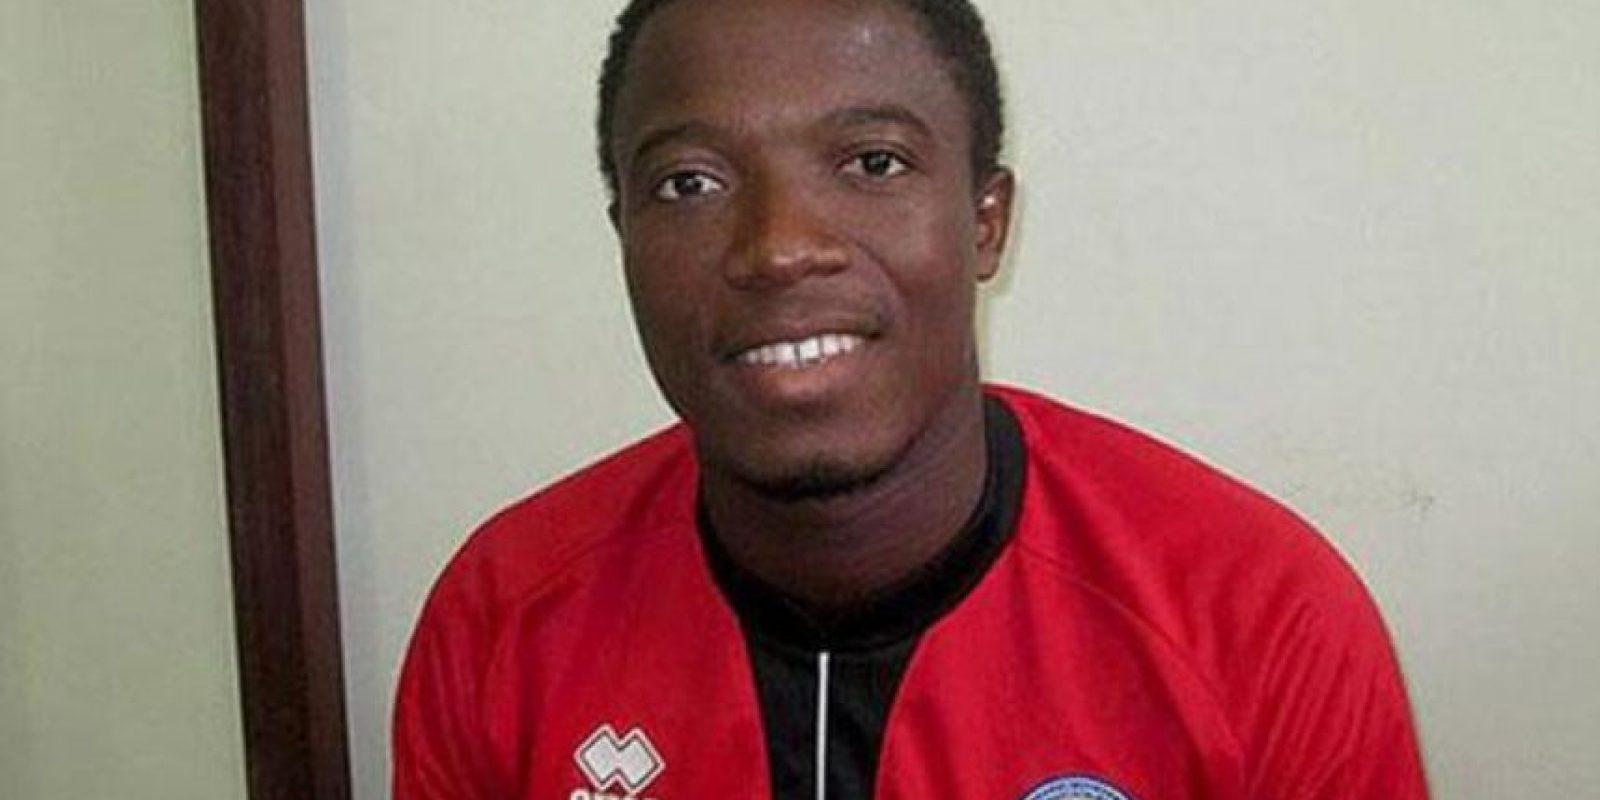 El portero togolés perdió la vida, luego de que un delantero le pisara la cabeza Foto:Twitter